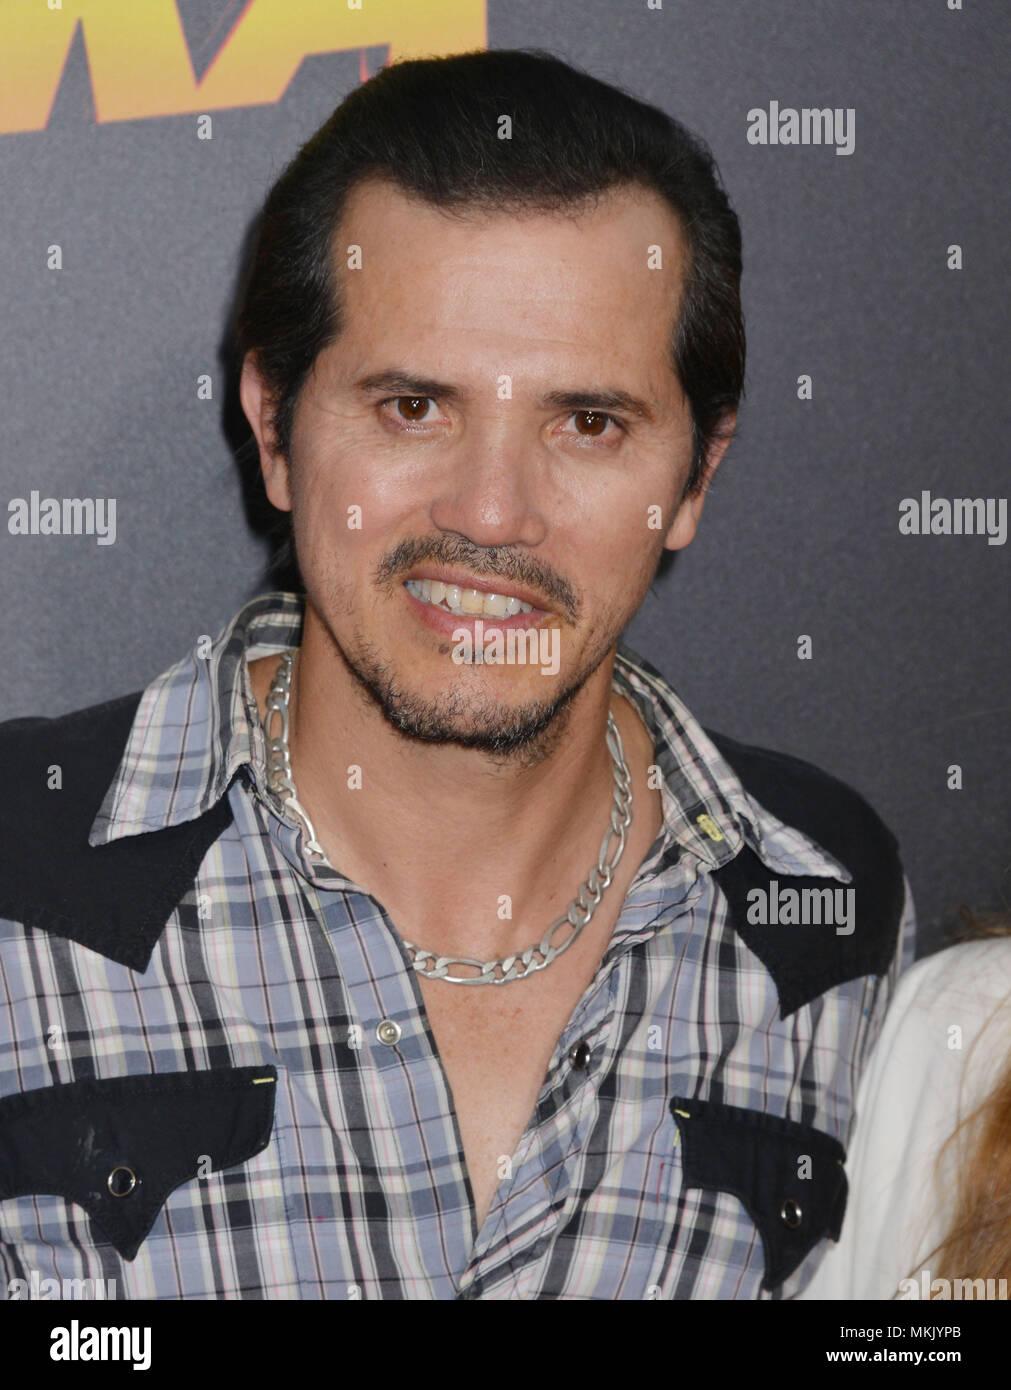 John Leguizamo Los Angeles Premiere Stock Photos & John Leguizamo ...